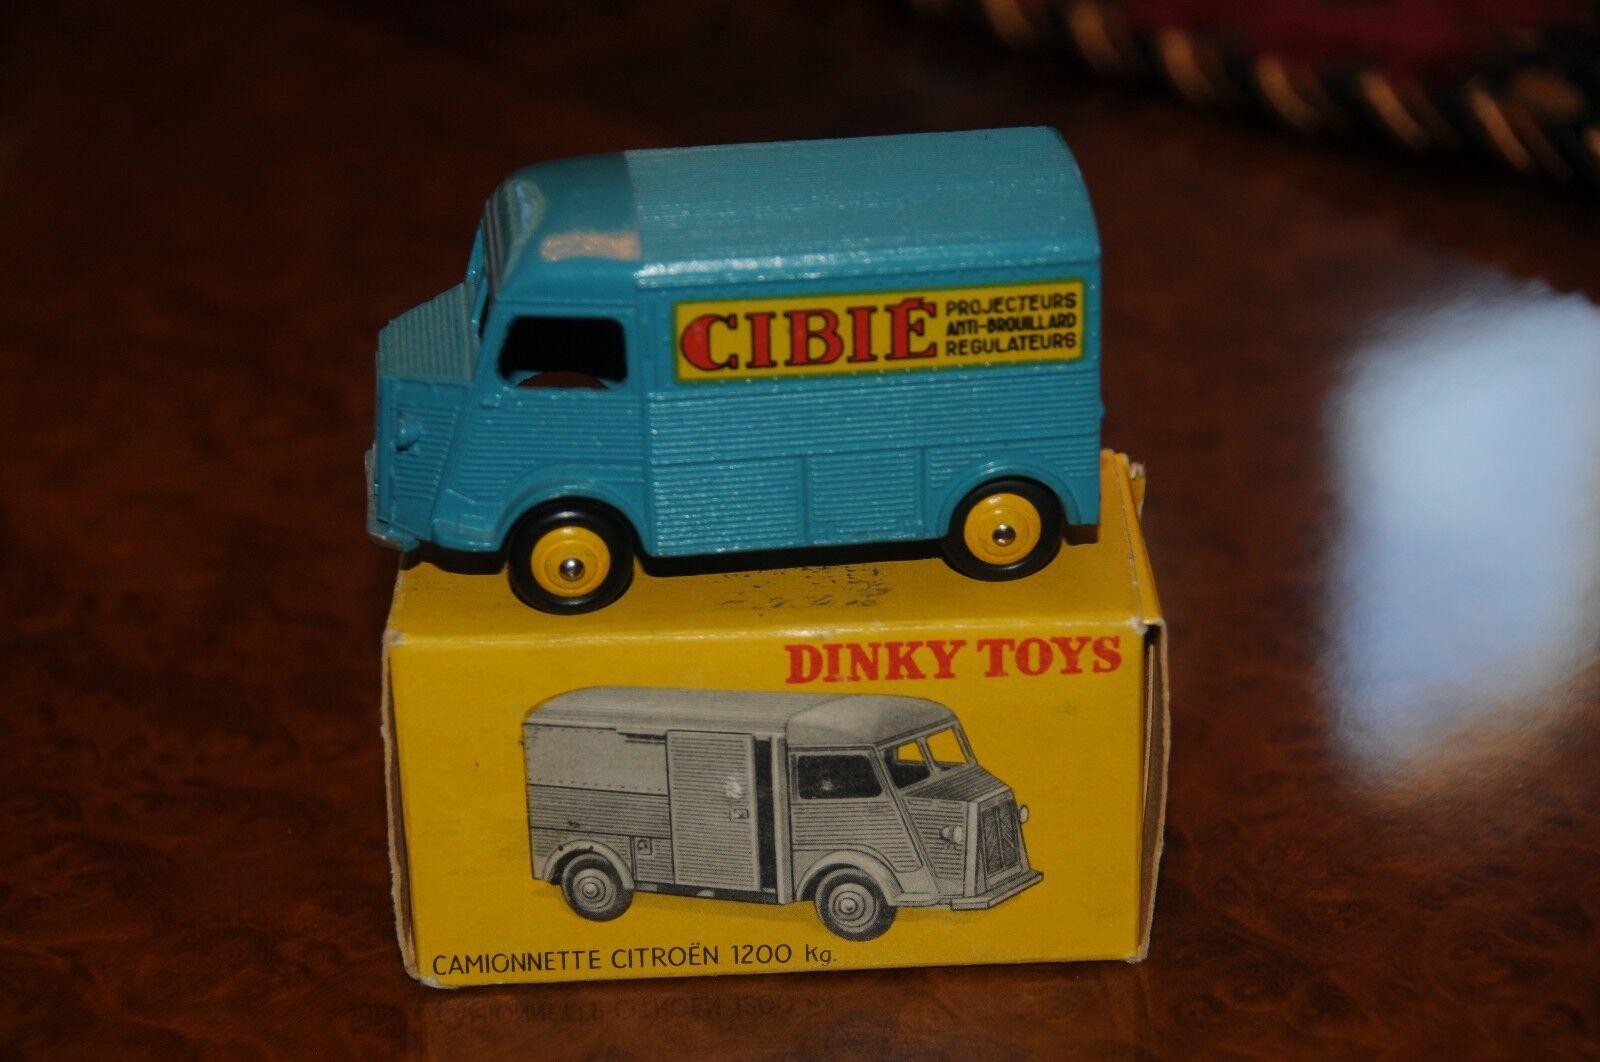 Vintage Dinky Toys   MIB   CITROËN Van Camionette 1200 K   Cibie   N0. 561